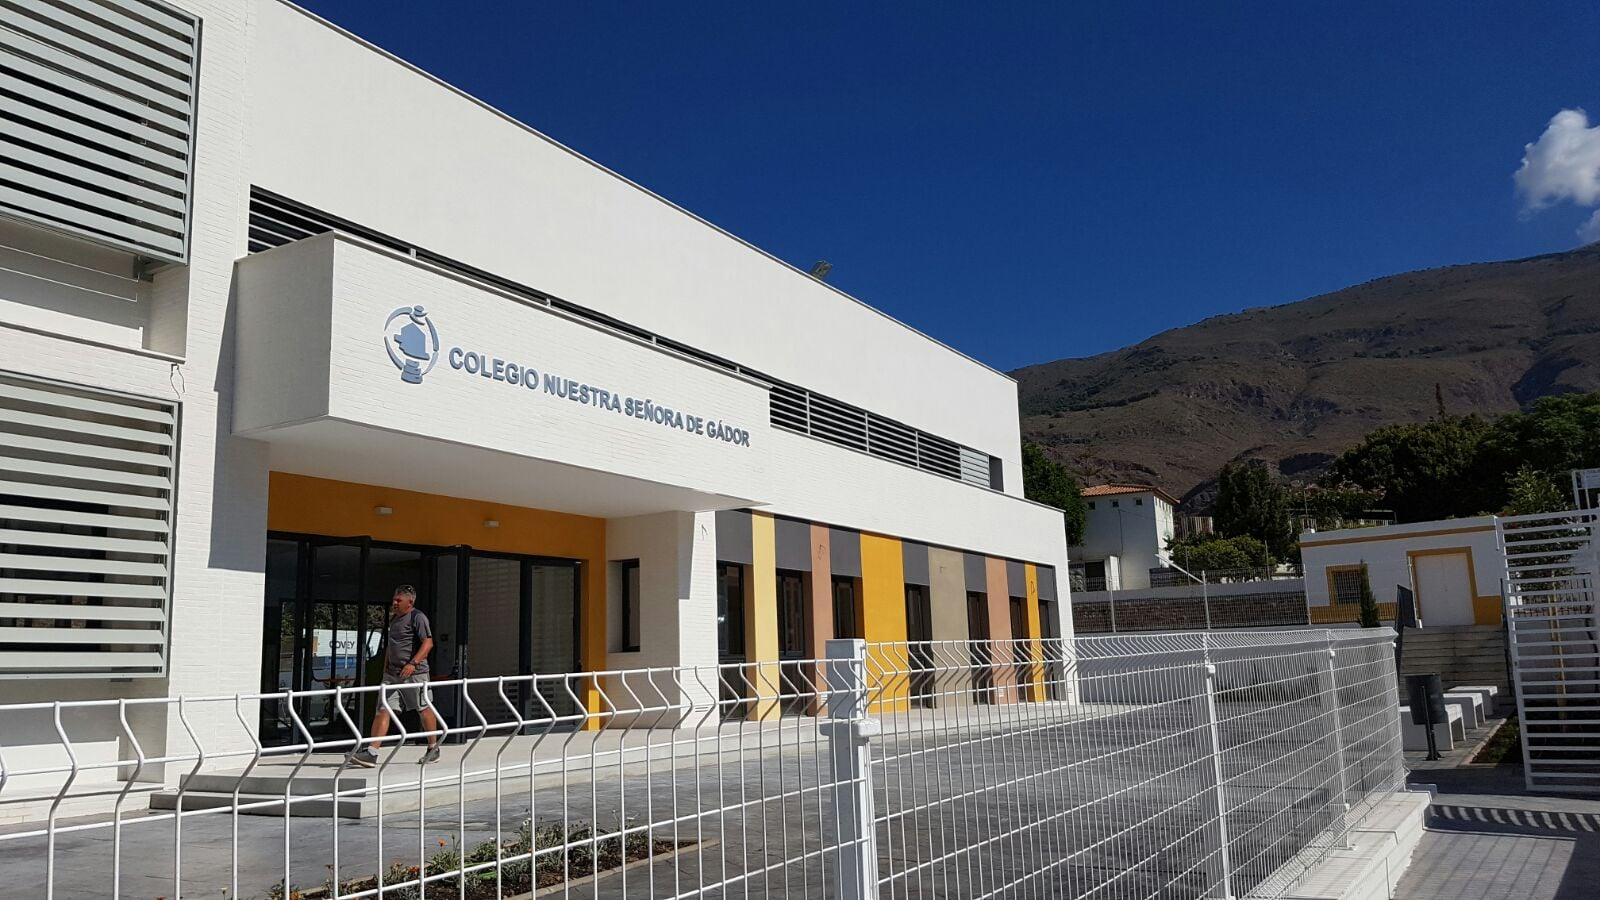 Reforma y ampliación del Colegio Nuestra Señora de Gádor. Berja